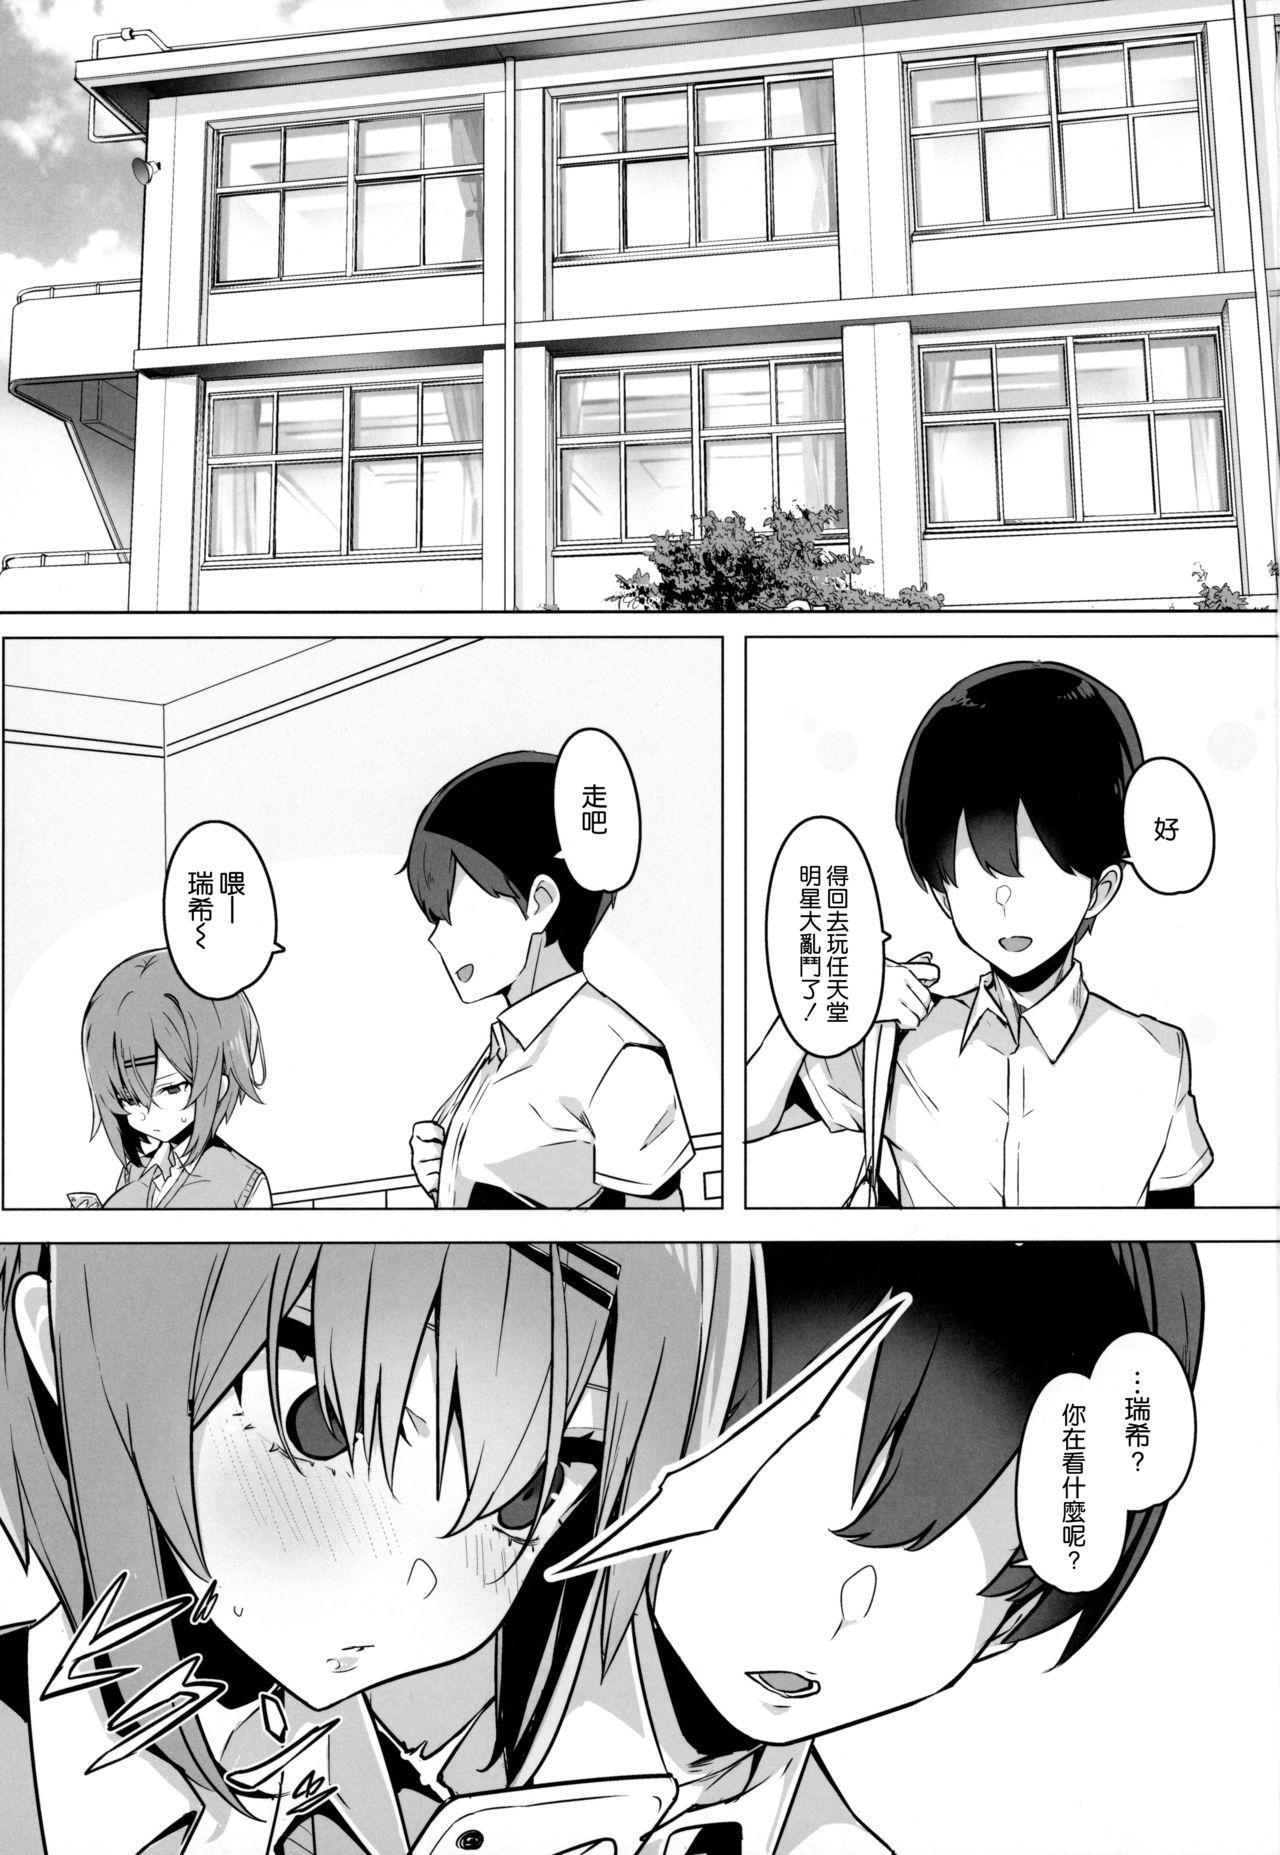 Bokukko Osananajimi o Netotte Mitara Masaka no Kekka ni 2